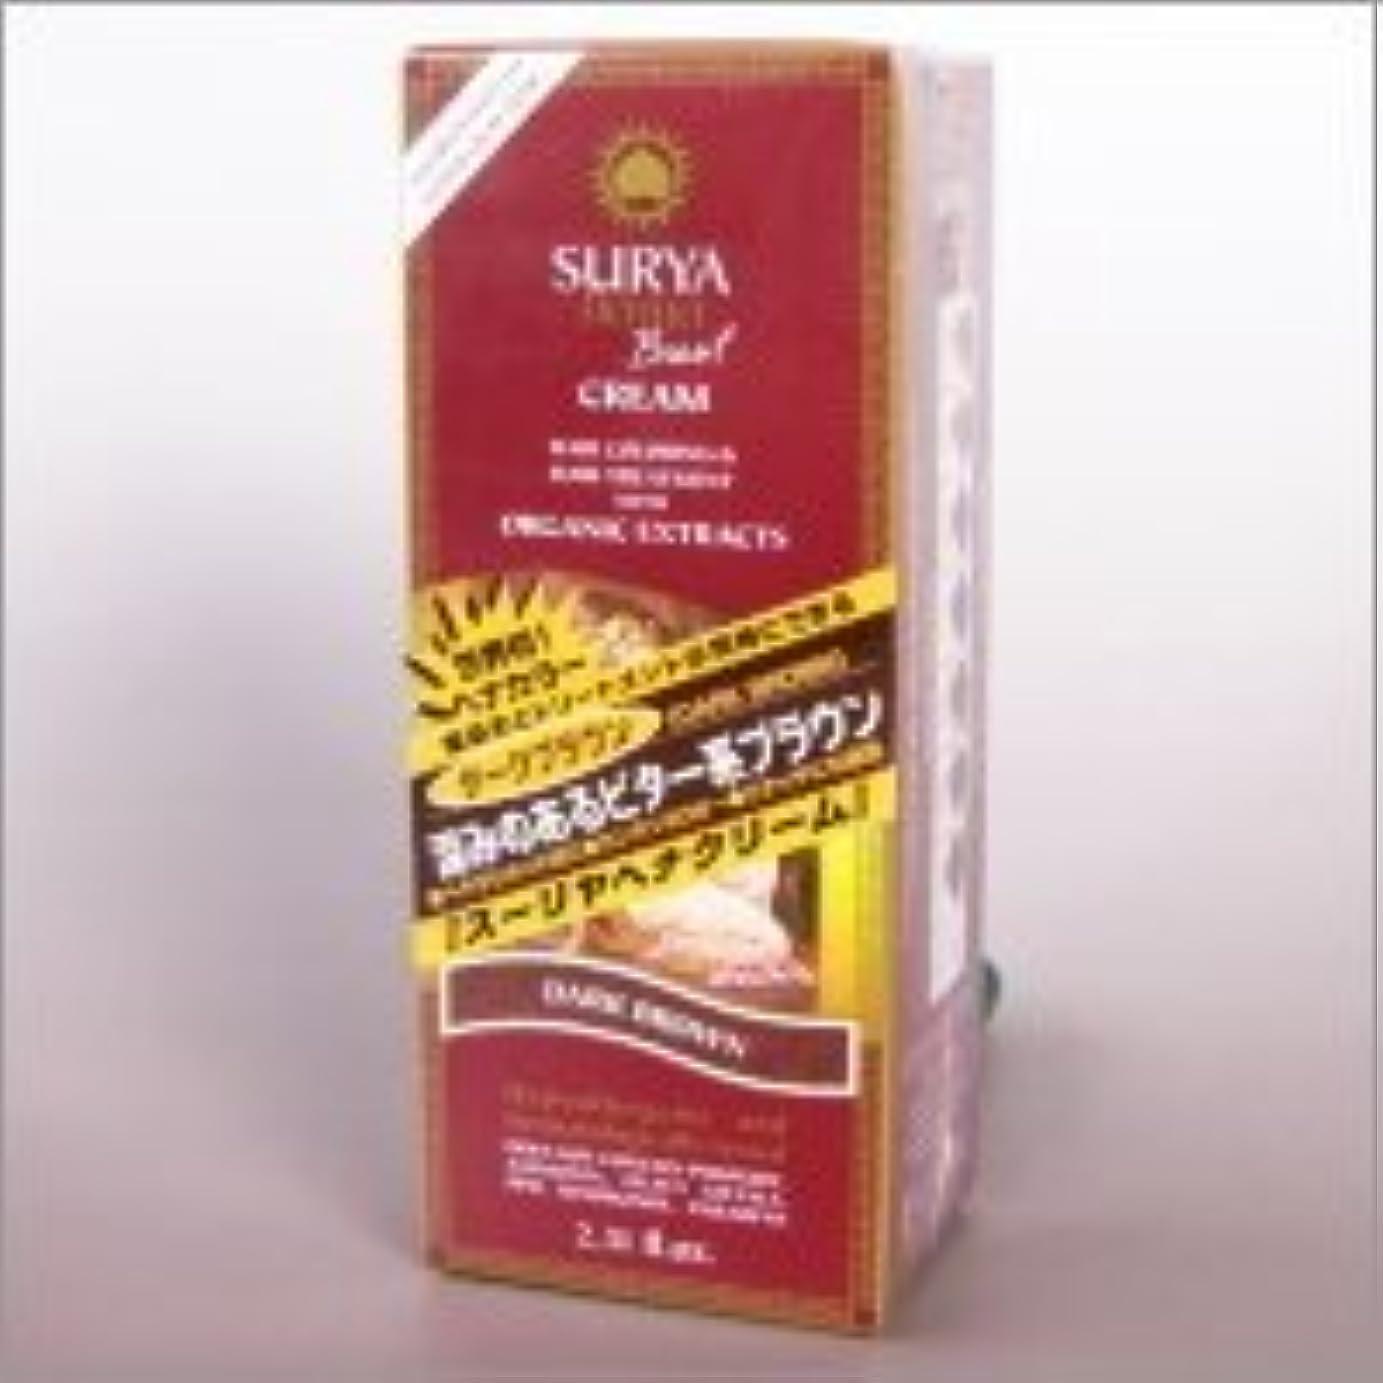 スーリヤ ヘナクリーム ダークブラウン70ml (深みのあるビター系ブラウン)